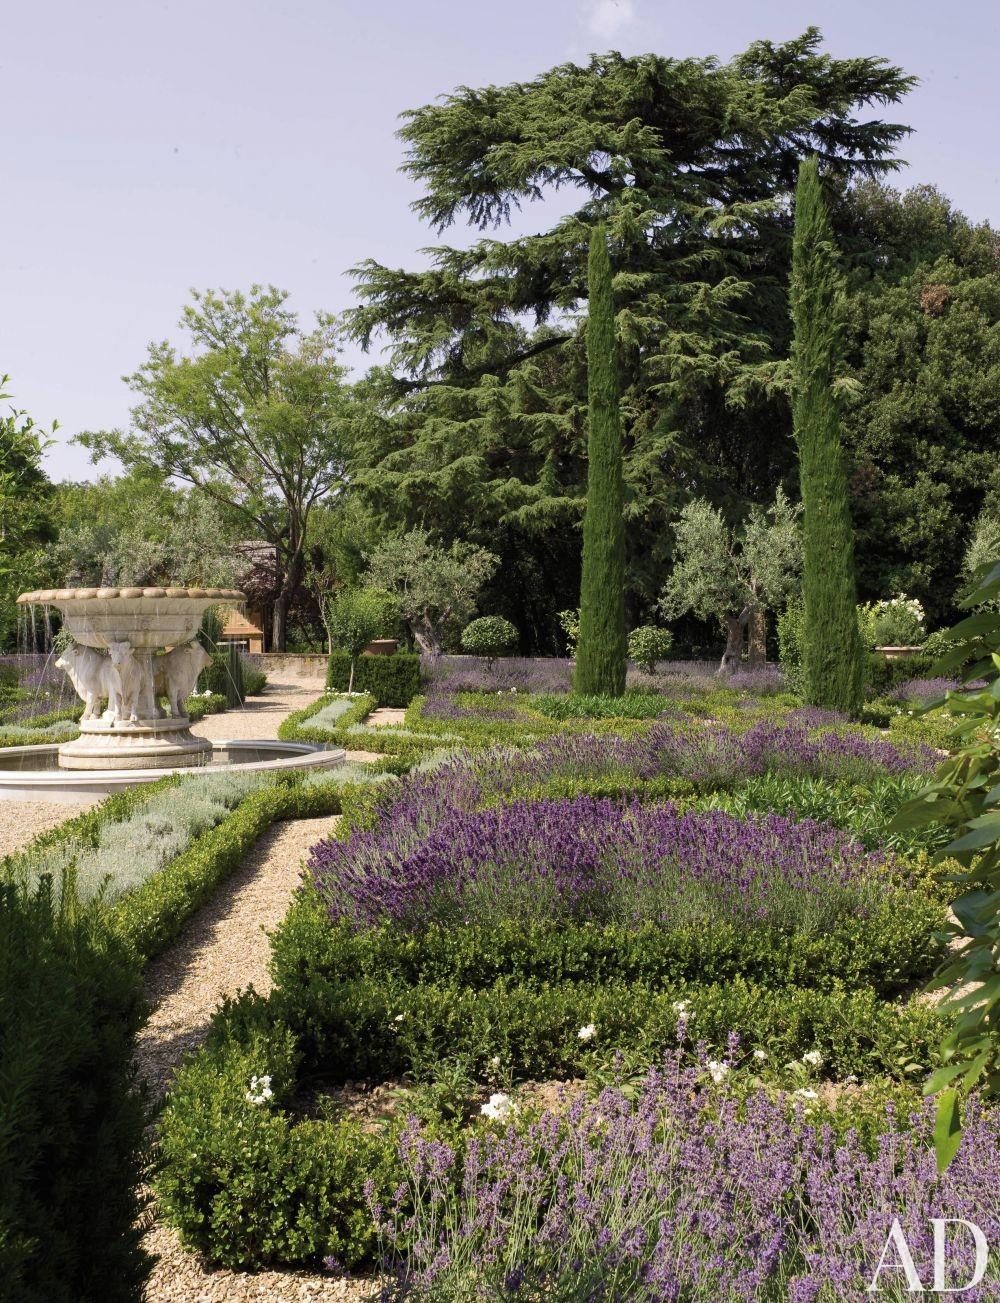 Rustic Garden by Arabella Lennox-Boyd in Tuscany, Italy